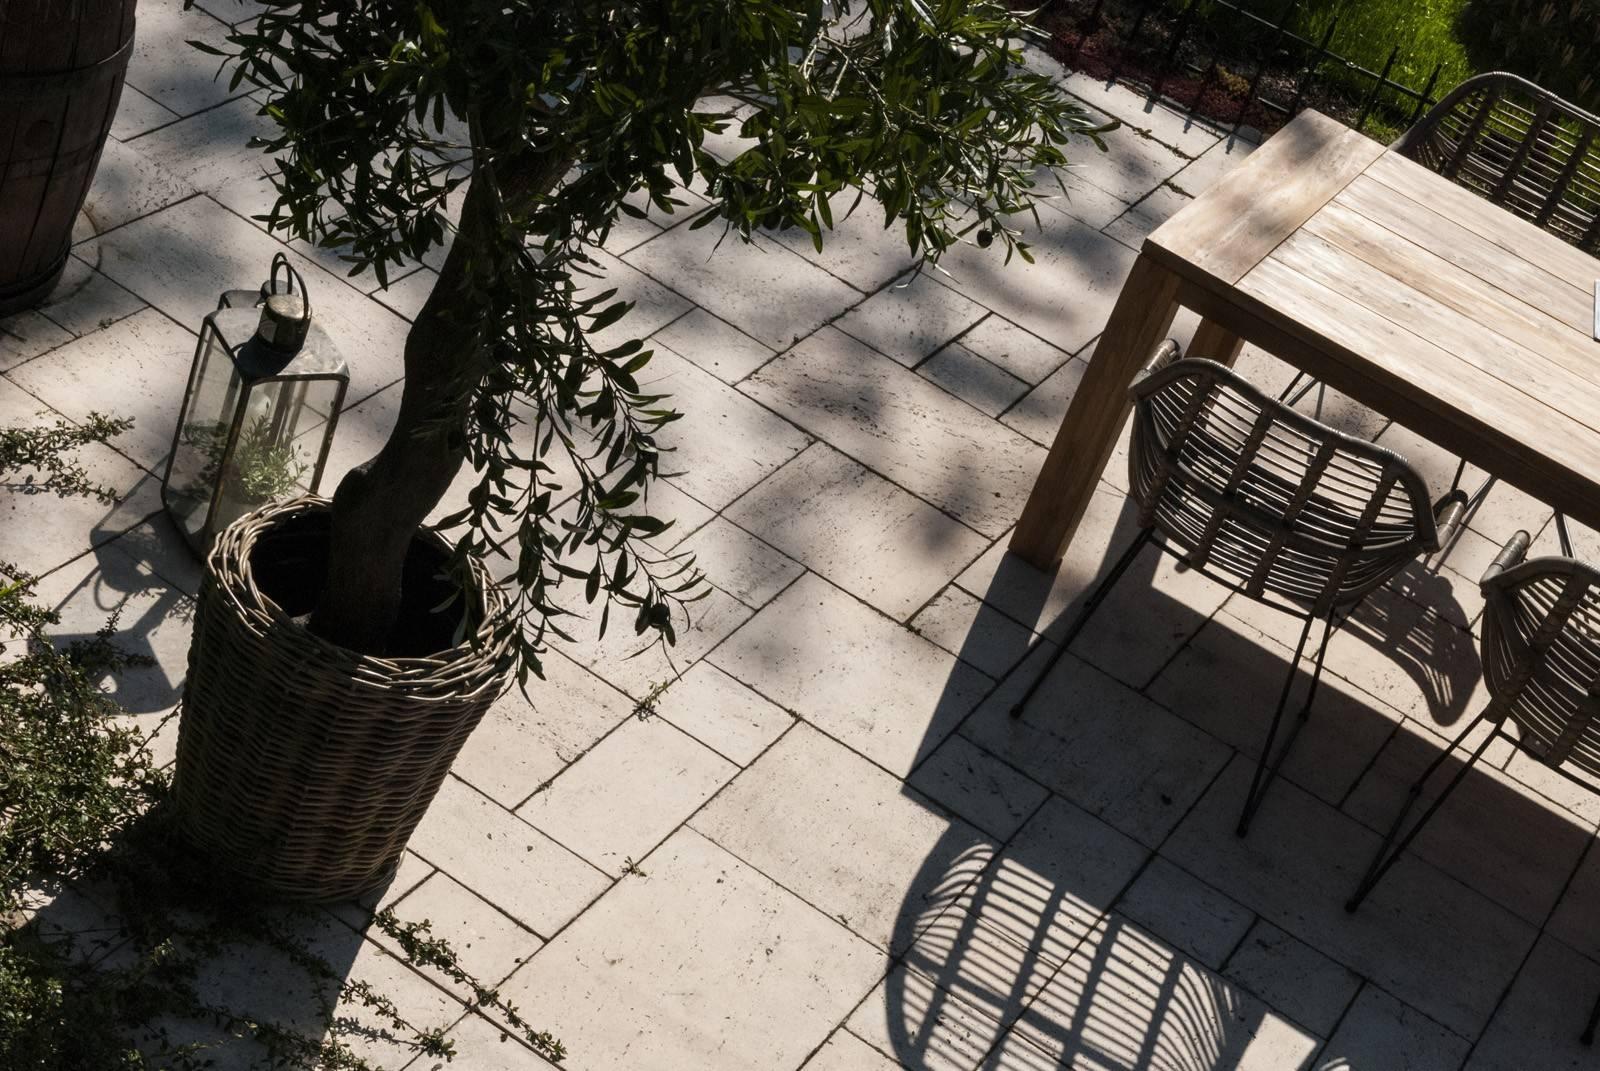 Záhradný ratanový kvetináč GRASSE Ø 43 cm x výška 33 cm